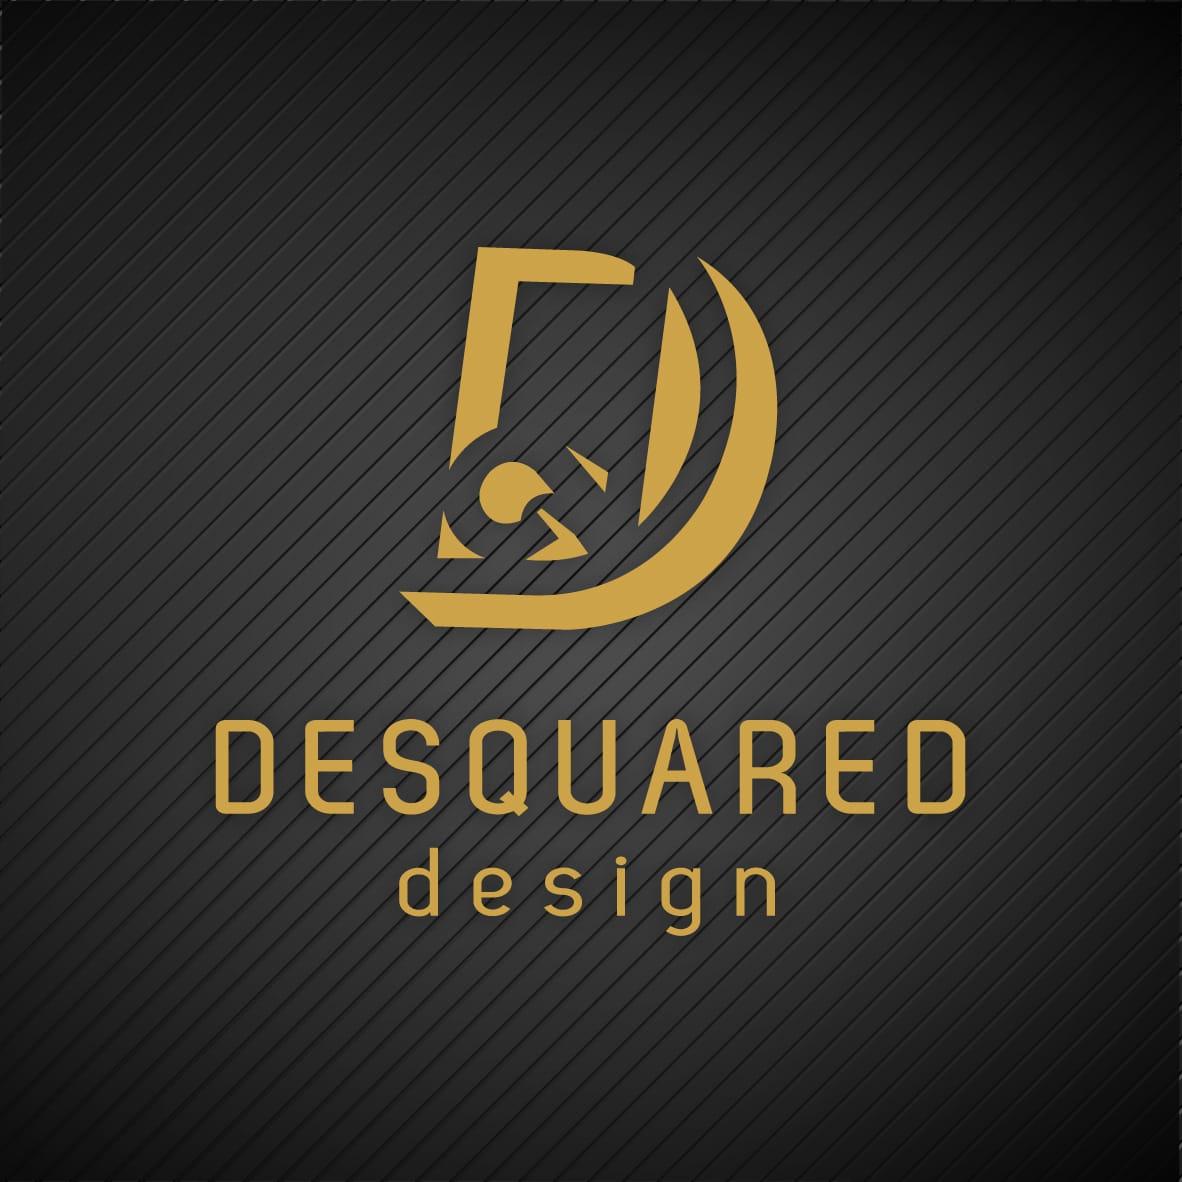 desquared-design-home-services Logo